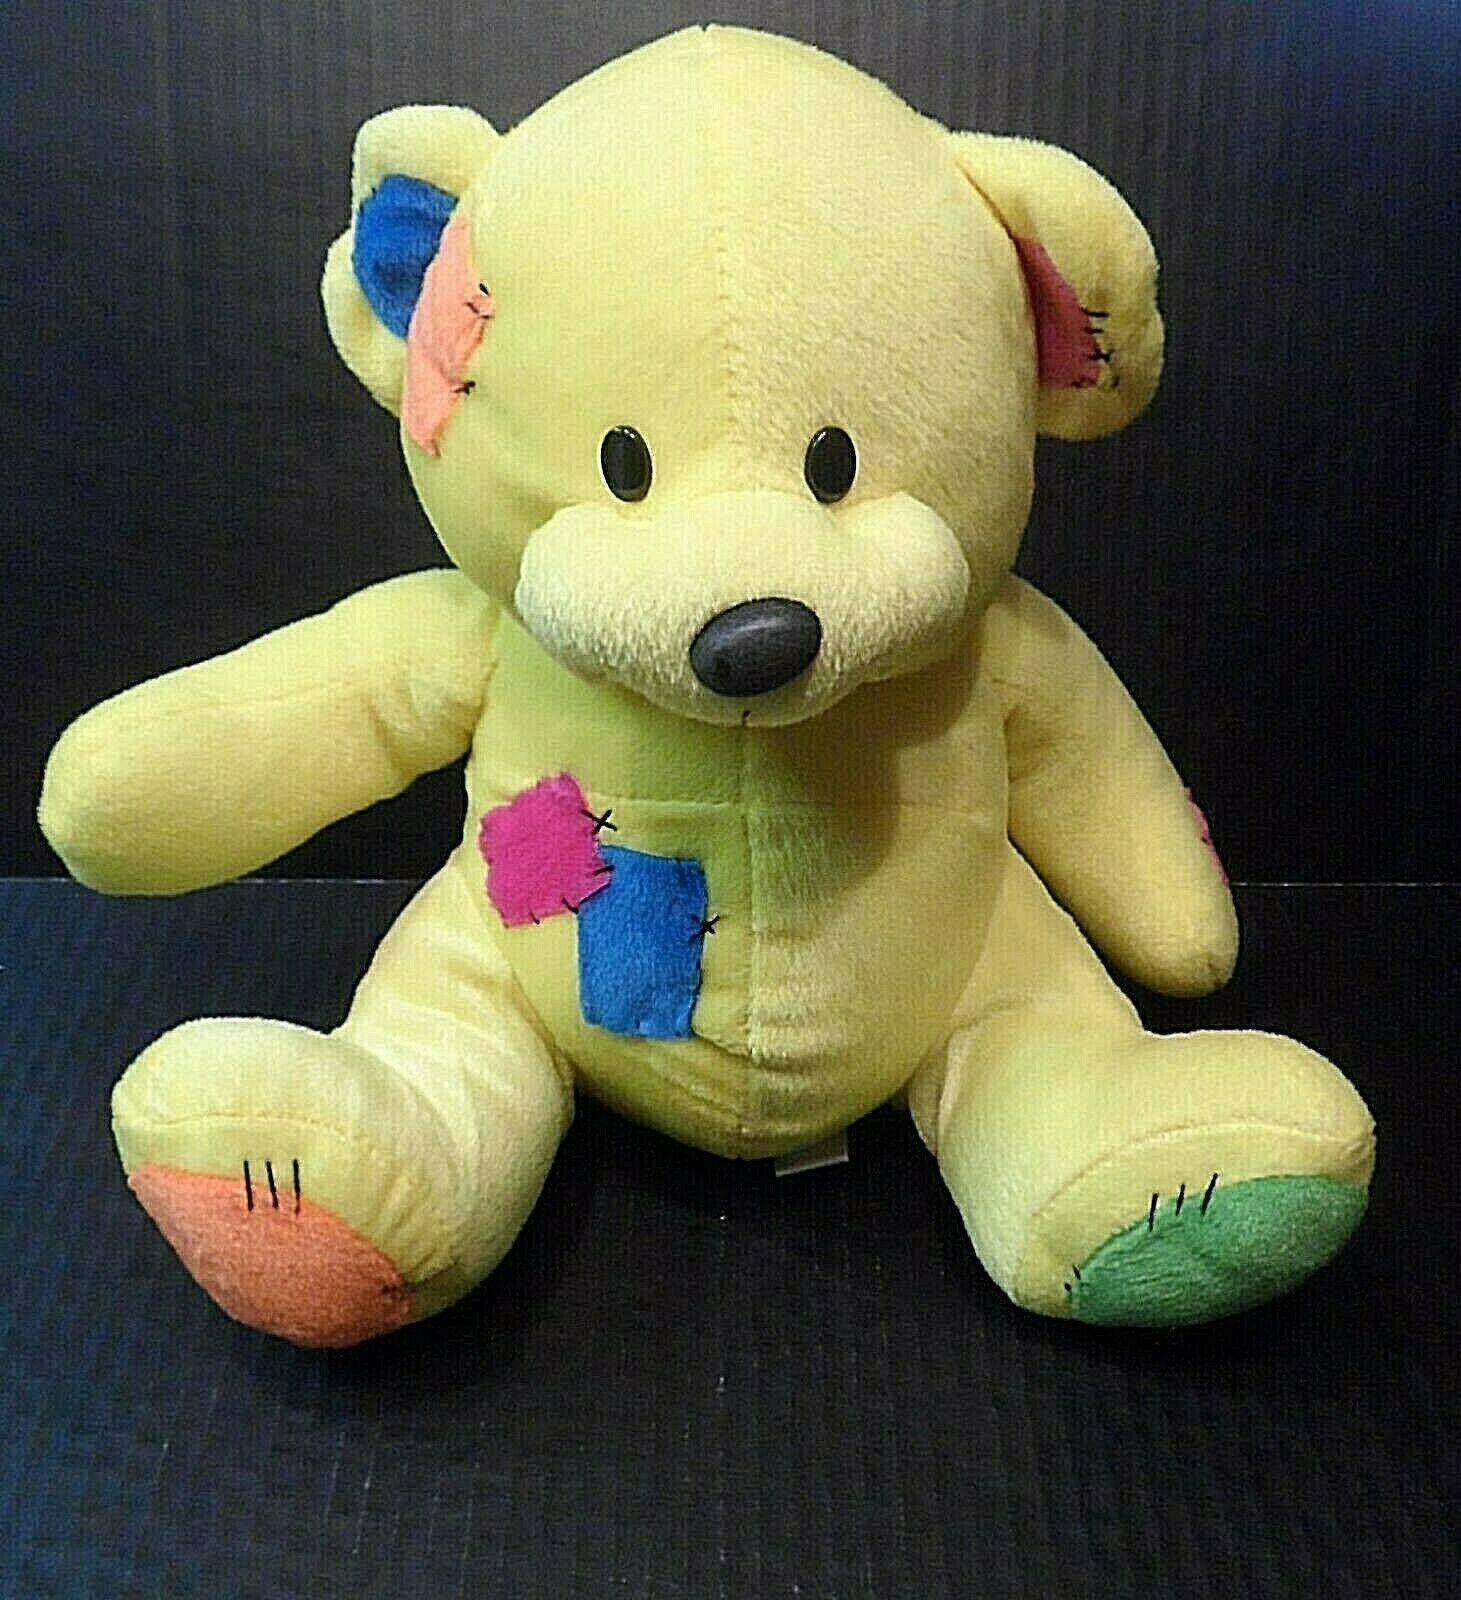 Sugar Loaf Plush Teddy Bear Stuffed Animal With Patches 10 Teddy Bear Stuffed Animal Bear Stuffed Animal Plush Stuffed Animals [ 1600 x 1461 Pixel ]